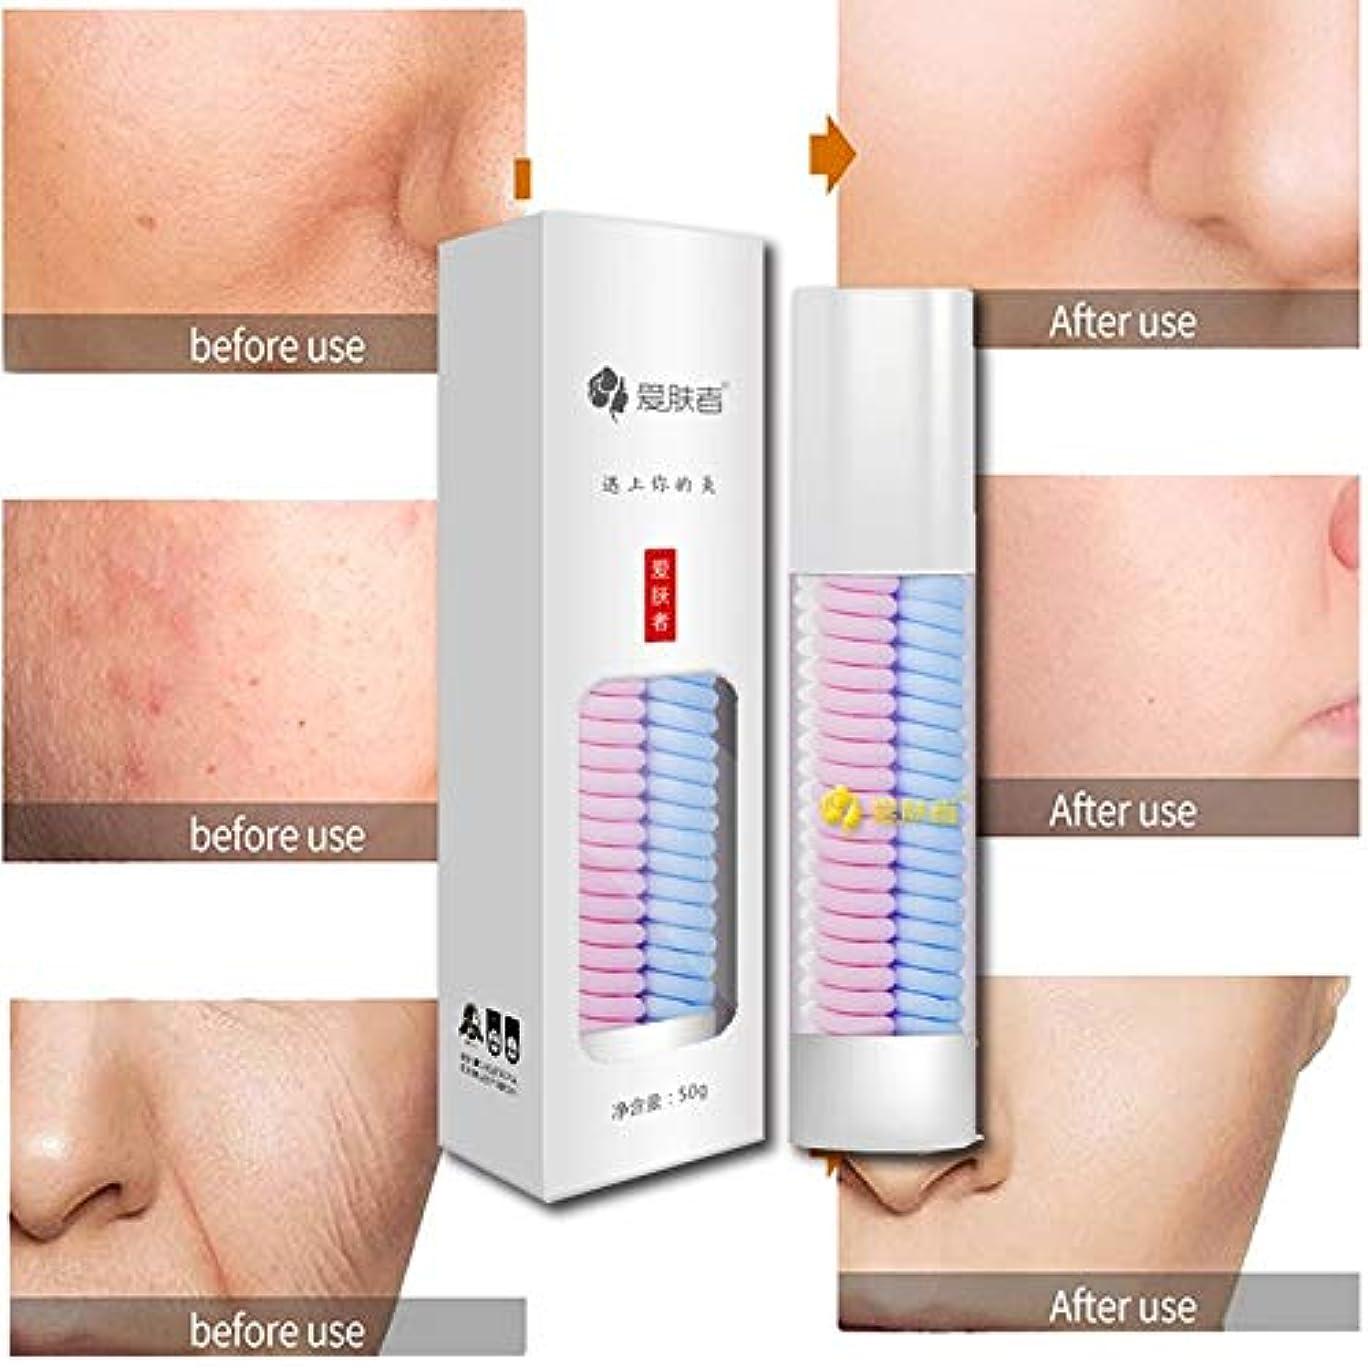 サーマルつぼみ大腿保湿顔寧クリームの電子抗しわ年齢ケアのRIR cremasはhidratante顔面edad抗faciales